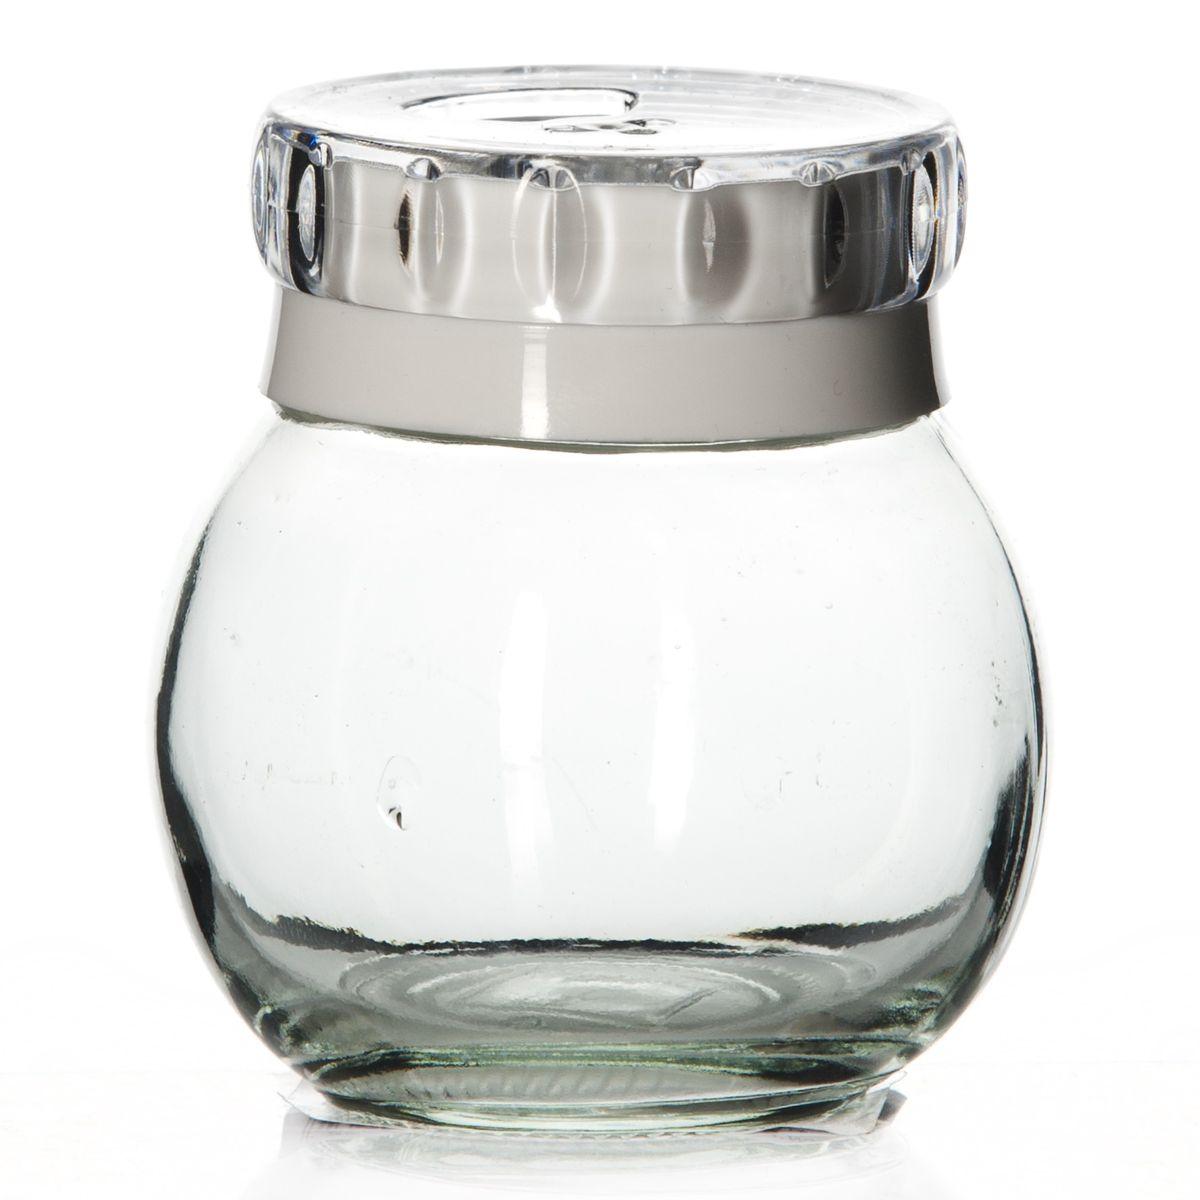 Банка для специй Herevin, цвет: белый, 200 мл. 131007-802131007-802Банка для специй Herevin выполнена из прозрачного стекла и оснащена пластиковой цветной крышкой с отверстиями разного размера, благодаря которым, вы сможете приправить блюда, просто перевернув банку. Крышка снабжена поворотным механизмом, благодаря которому вы сможете регулировать степень подачи специй. Крышка легко откручивается, благодаря чему засыпать специи внутрь очень просто. Такая баночка станет достойным дополнением к вашему кухонному инвентарю. Можно мыть в посудомоечной машине. Диаметр (по верхнему краю): 4 см. Высота банки (без учета крышки): 8 см.